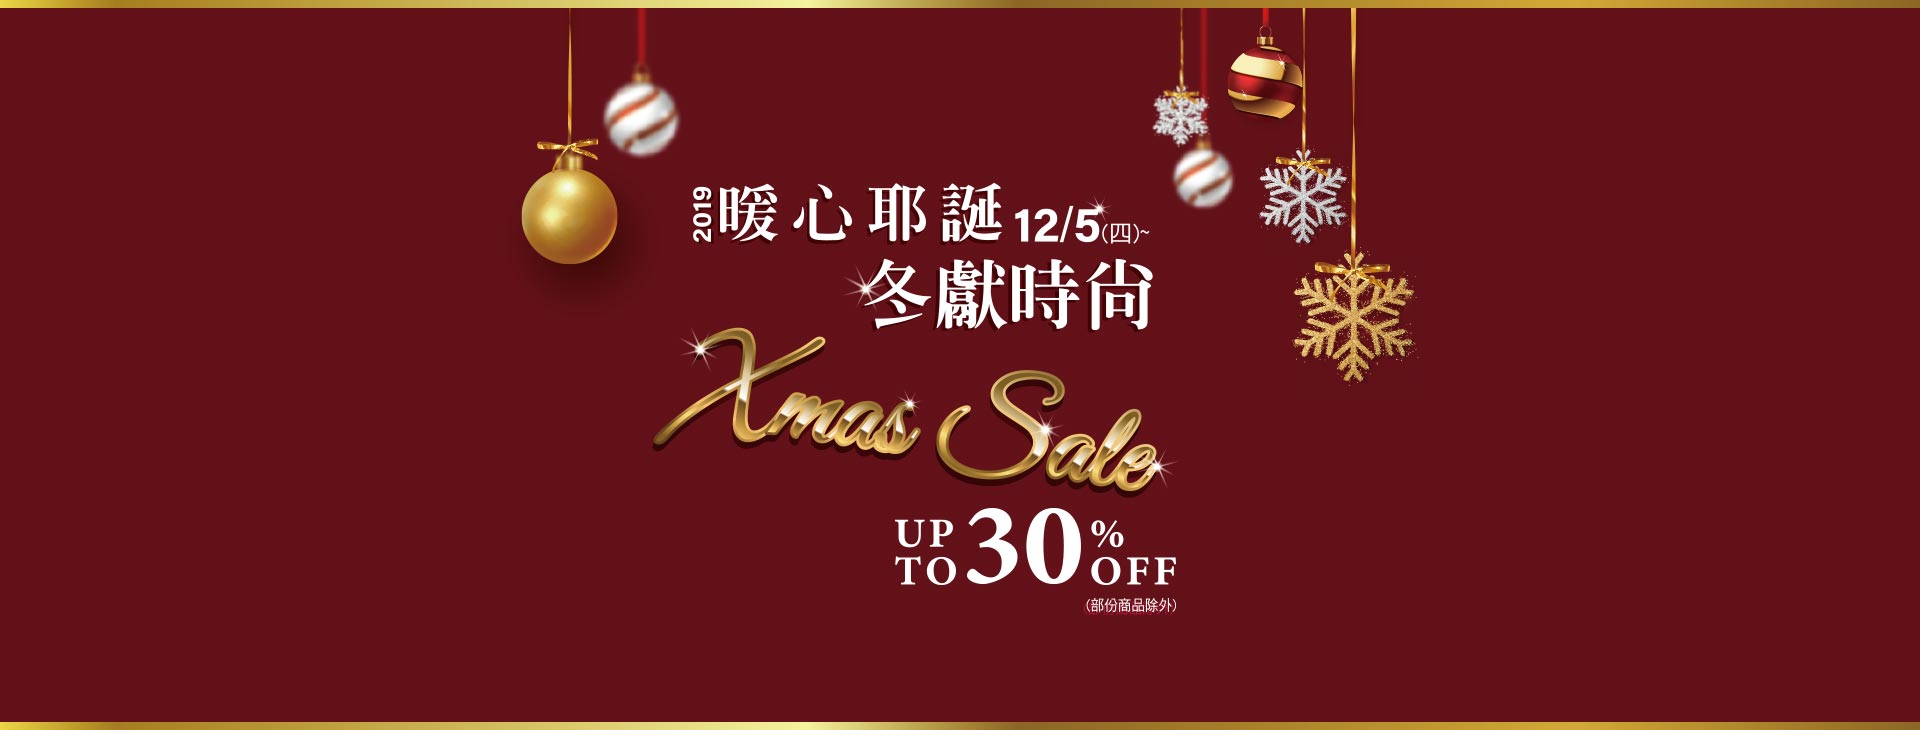 2019暖心耶誕 冬獻時尚 Xmas Sale up to 30% off